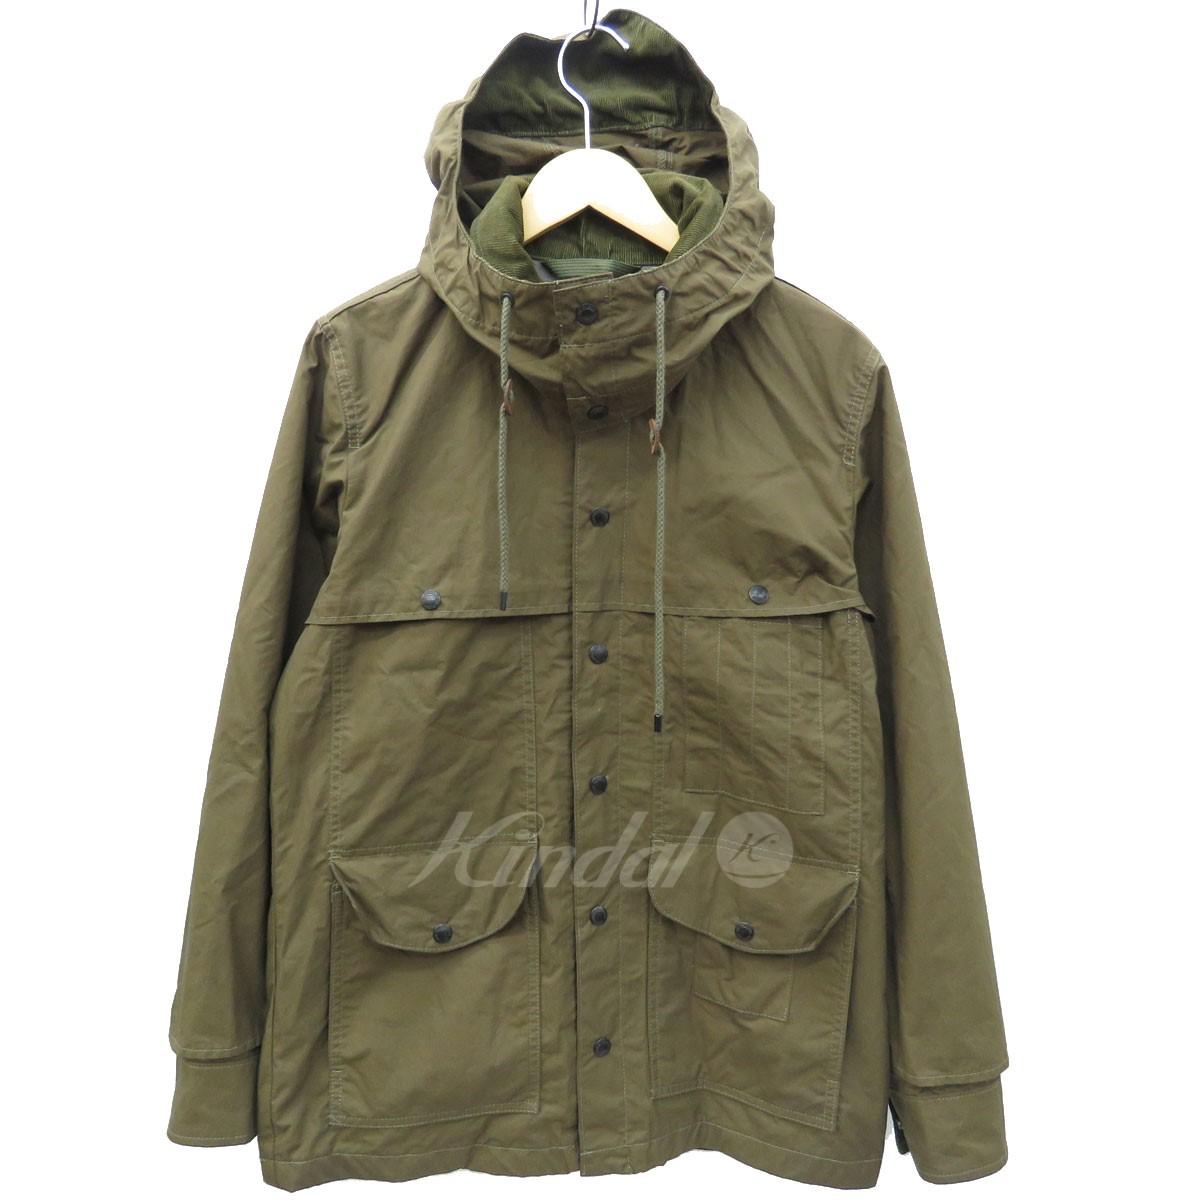 【中古】FILSON Lightweight Dry Cloth Cruiser ドライクロスクルーザージャケット ブラウン サイズ:S 【送料無料】 【251018】(フィルソン)